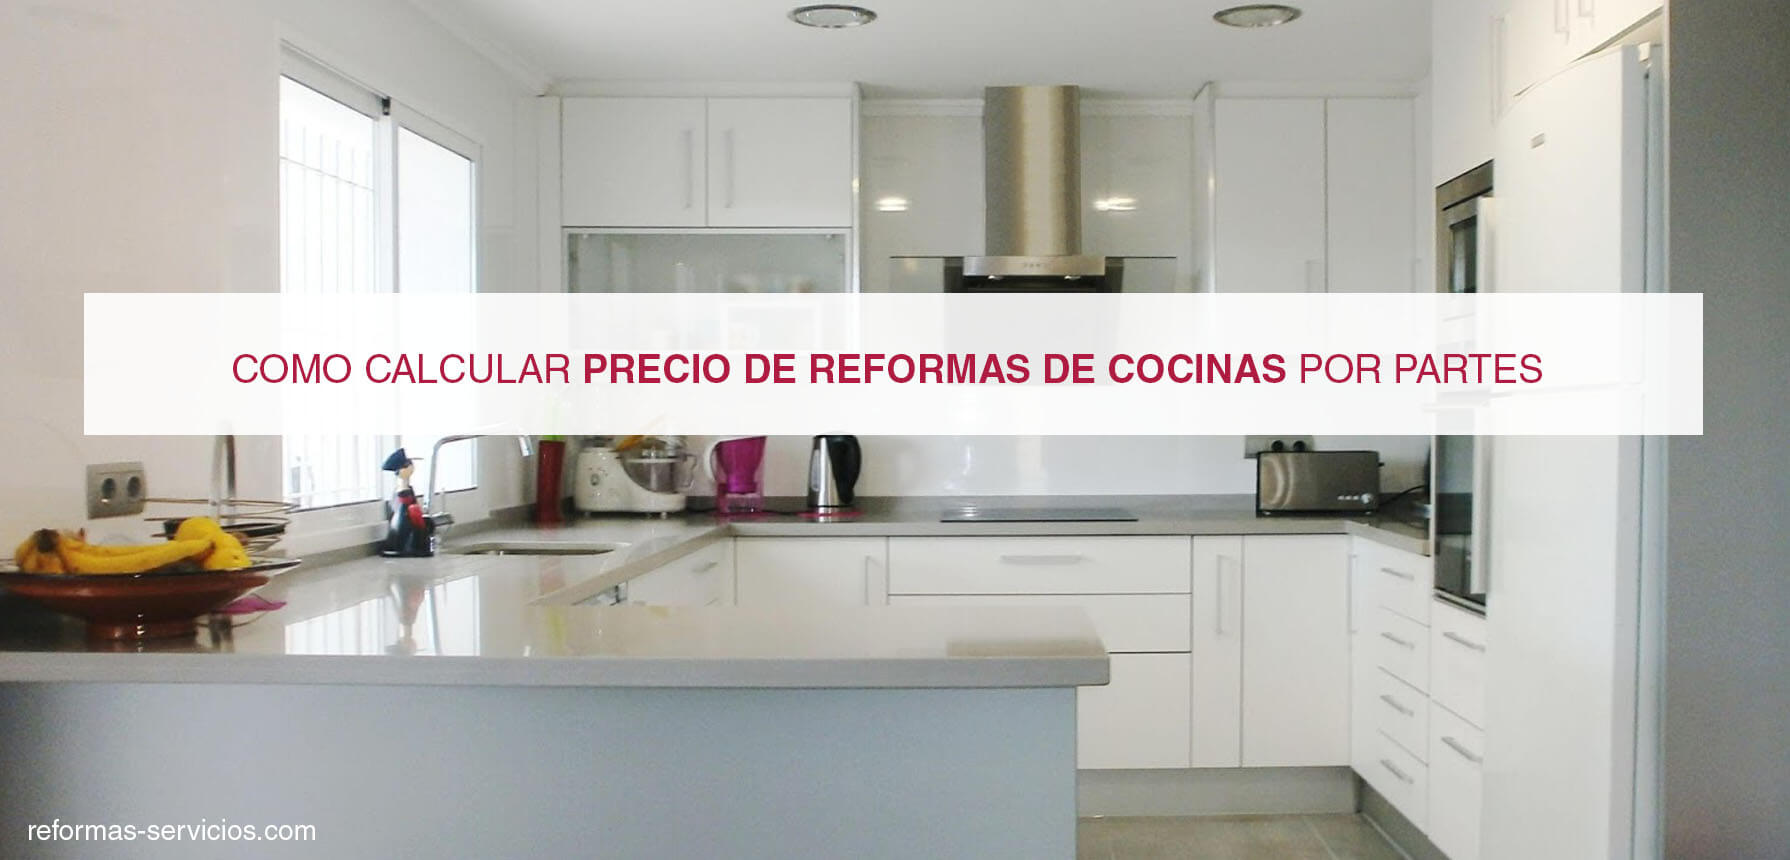 Cómo calcular precio reformas de cocinas parte por parte